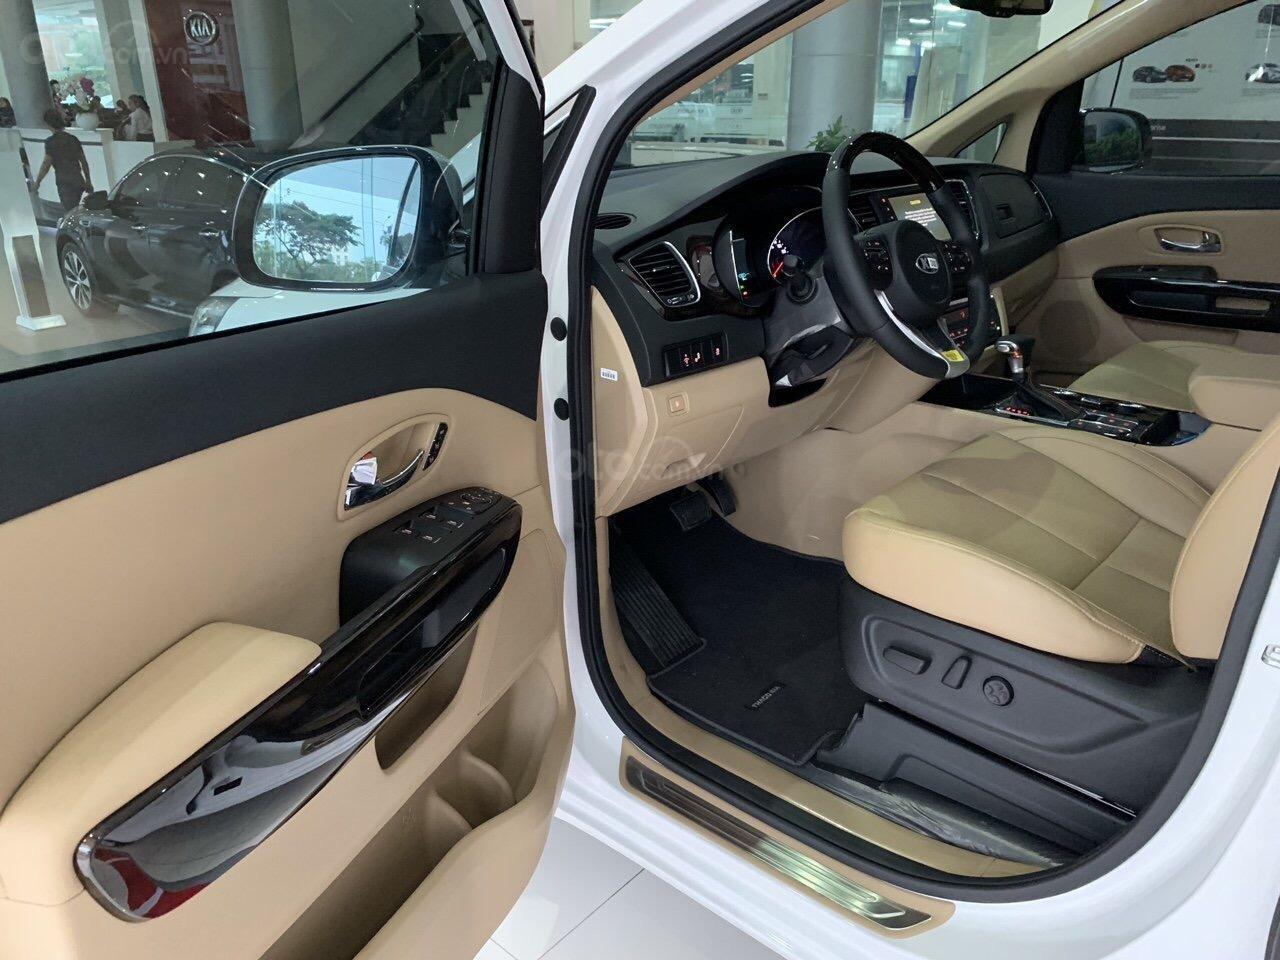 Kia Sedona 2019 mới 100%, tặng 1 năm bảo hiểm vật chất, có xe giao ngay - LH: 0909198695 (Kia Phú Mỹ Hưng)-6